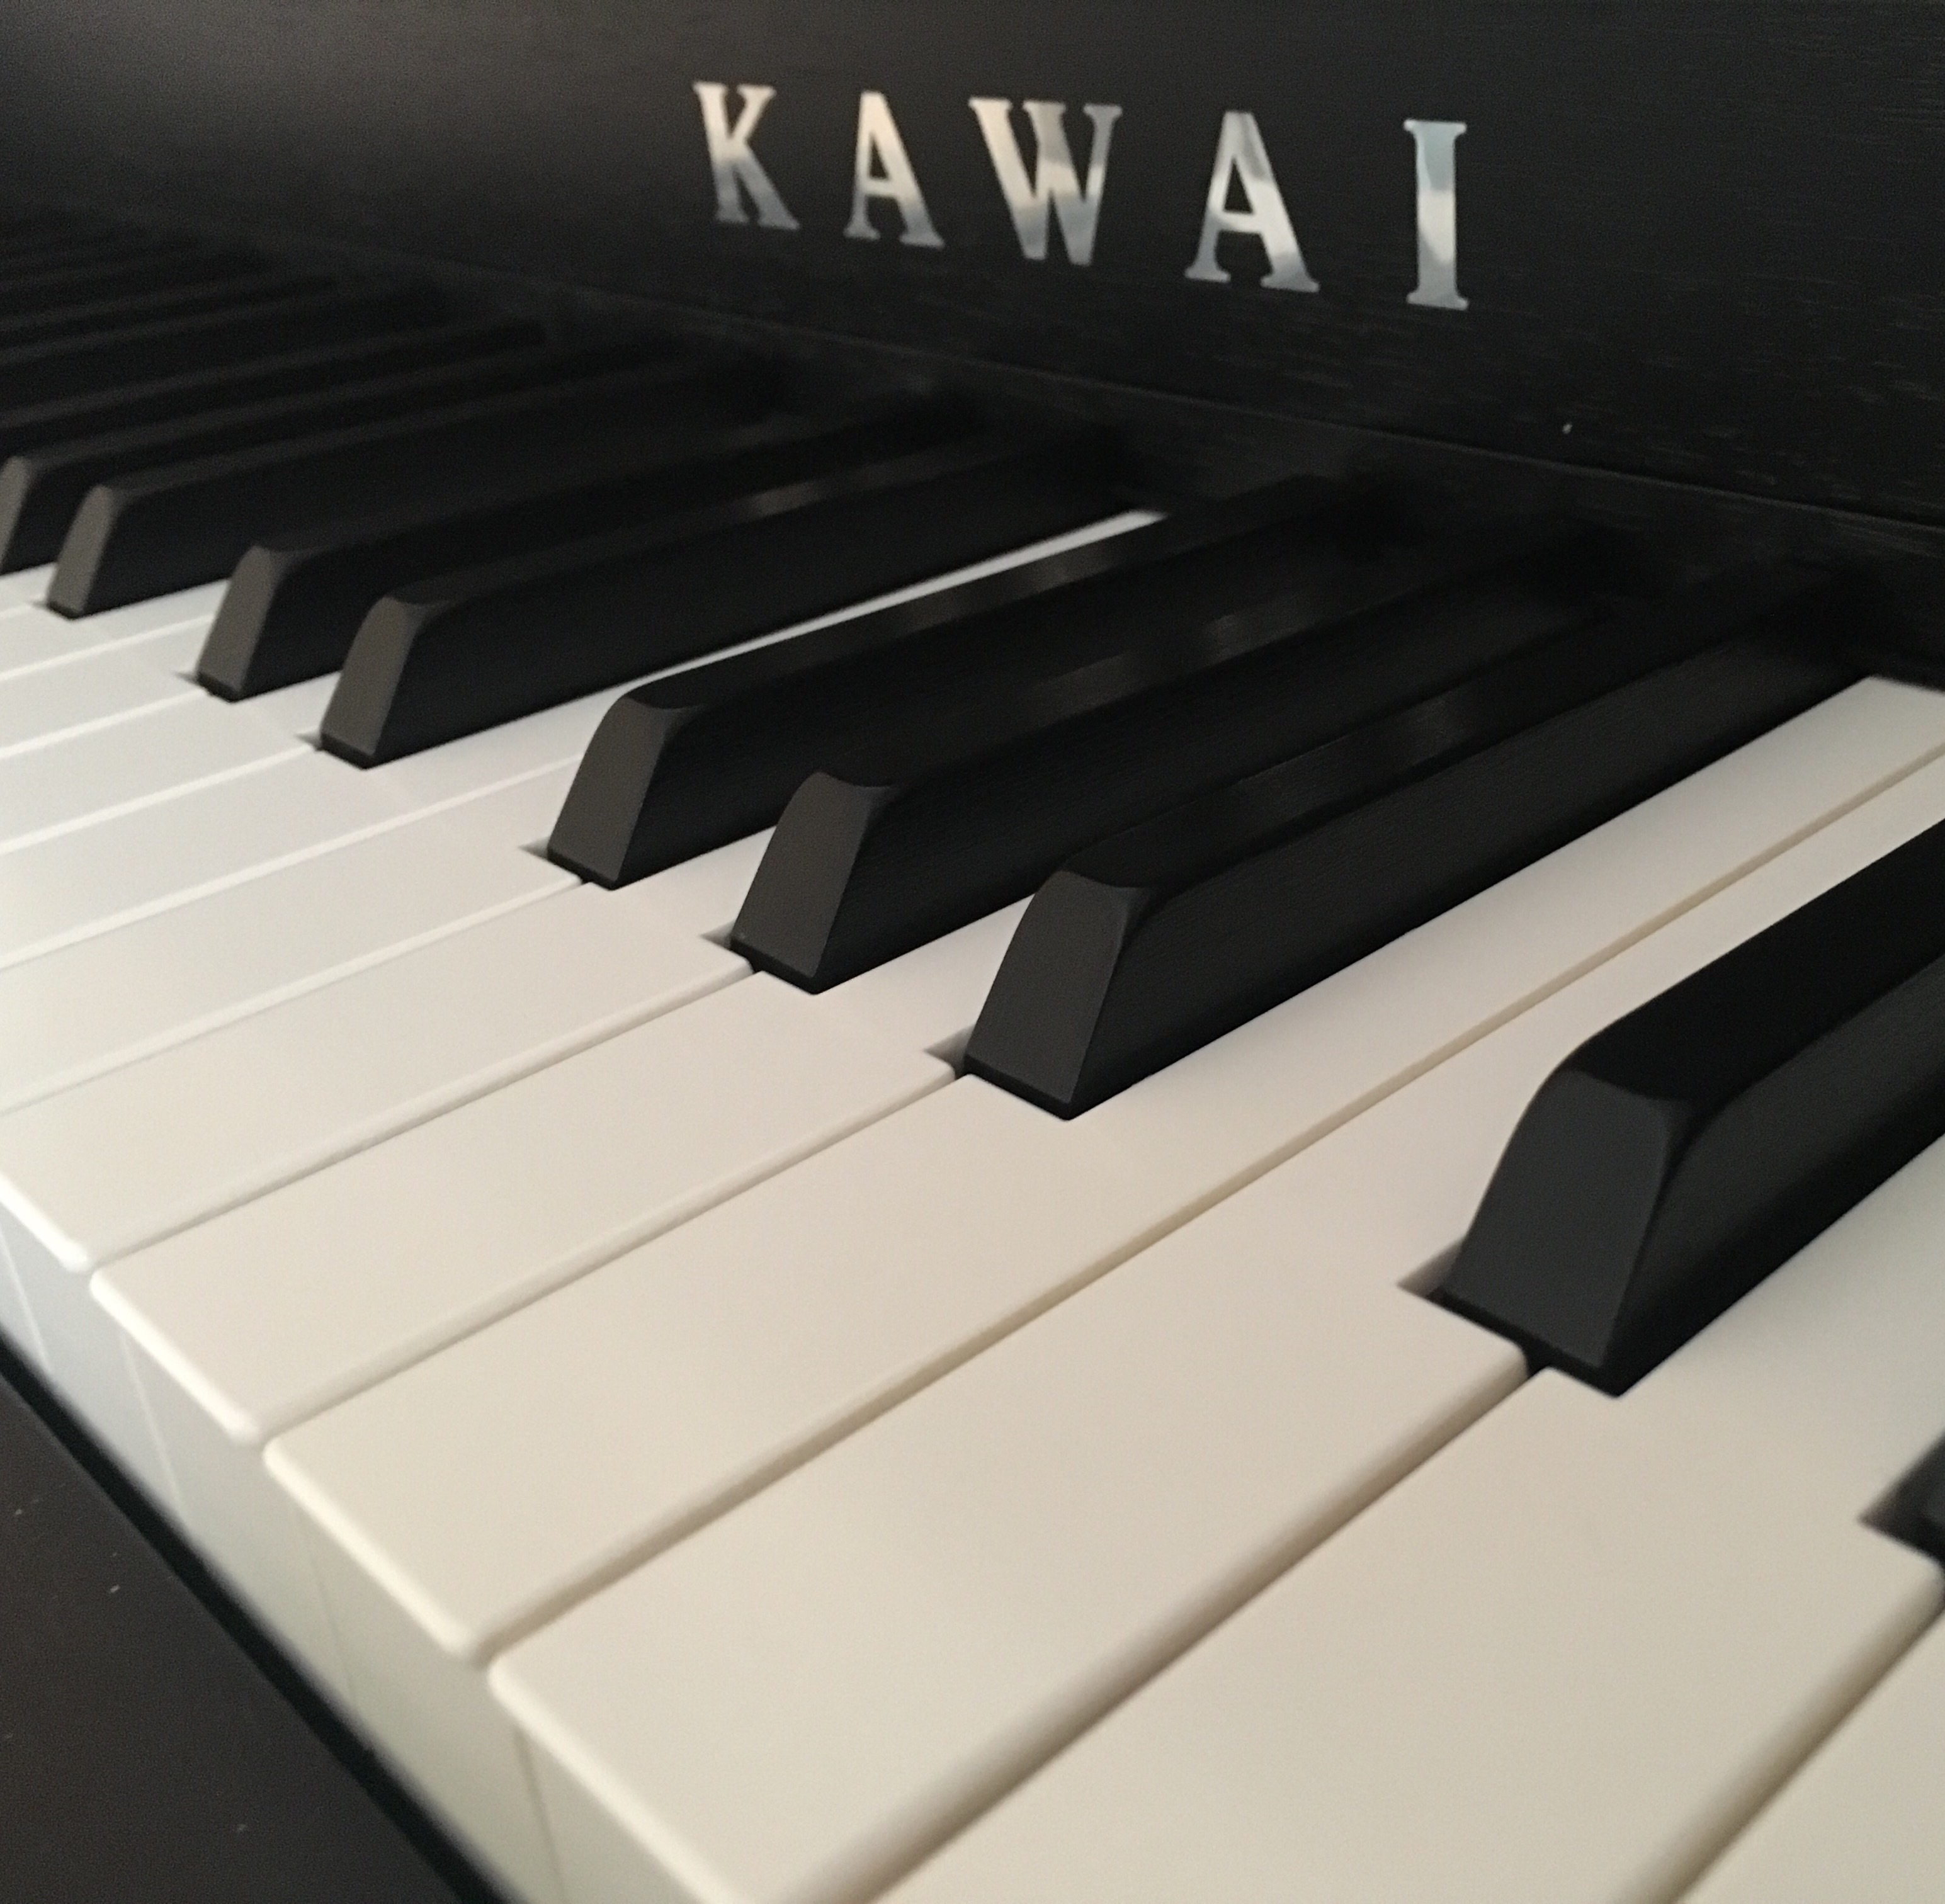 大人からピアノを始めた話と挑戦してみたい事